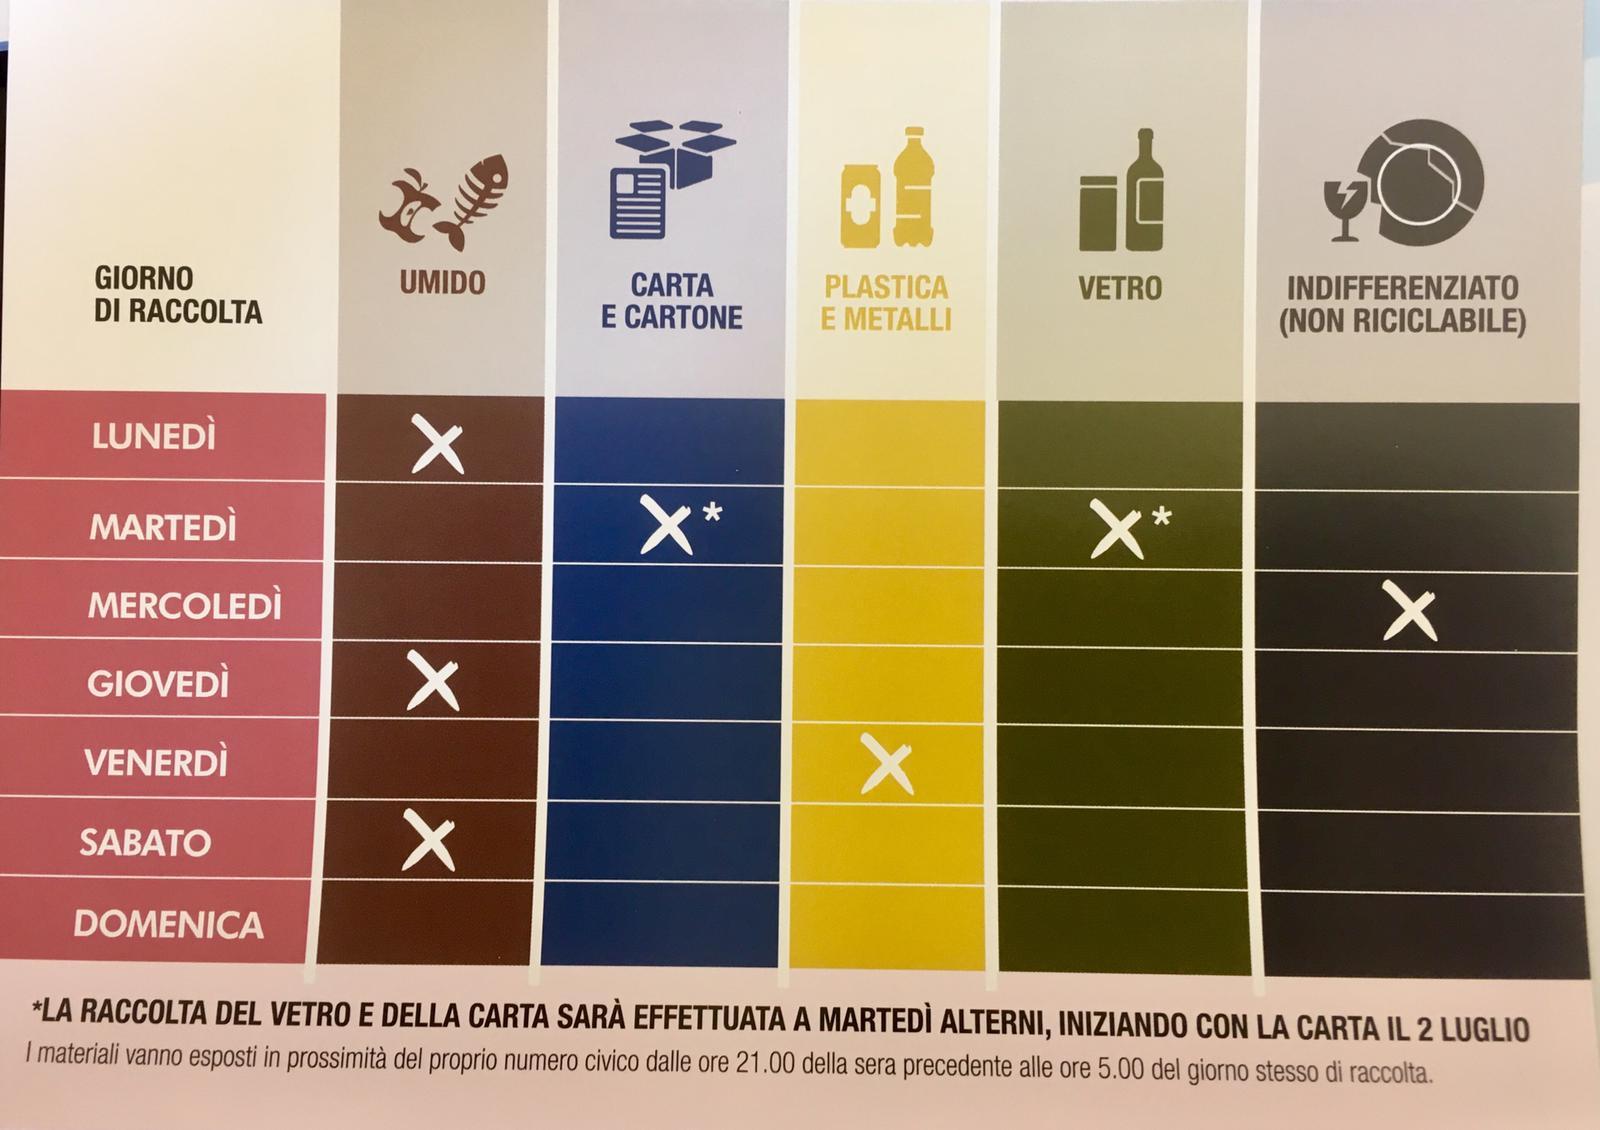 Raccolta Differenziata Cosenza Calendario 2019.Differenziata A Messina Tutto Pronto Ecco Le Regole Del